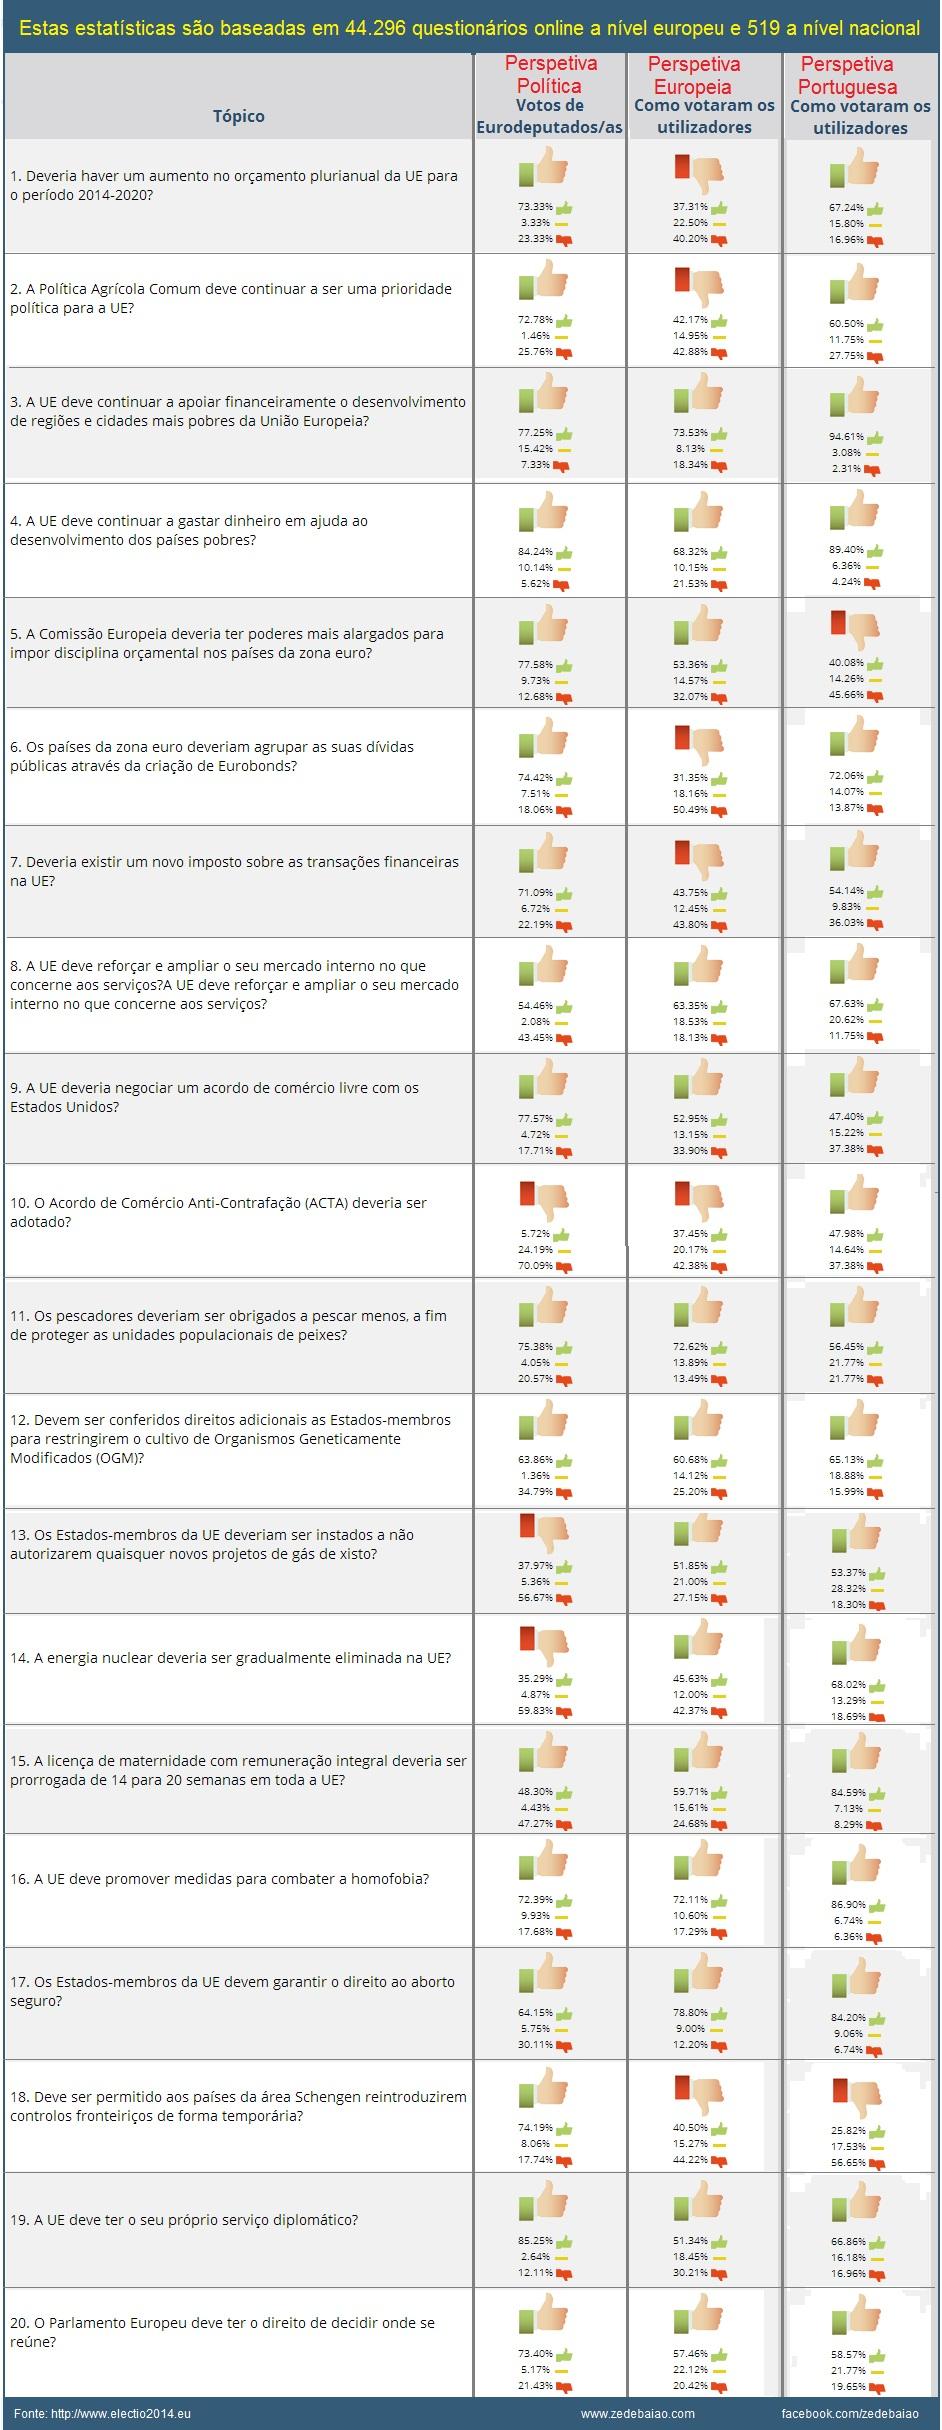 posicionamento dos eurodeputados, dos europeus e dos portugueses